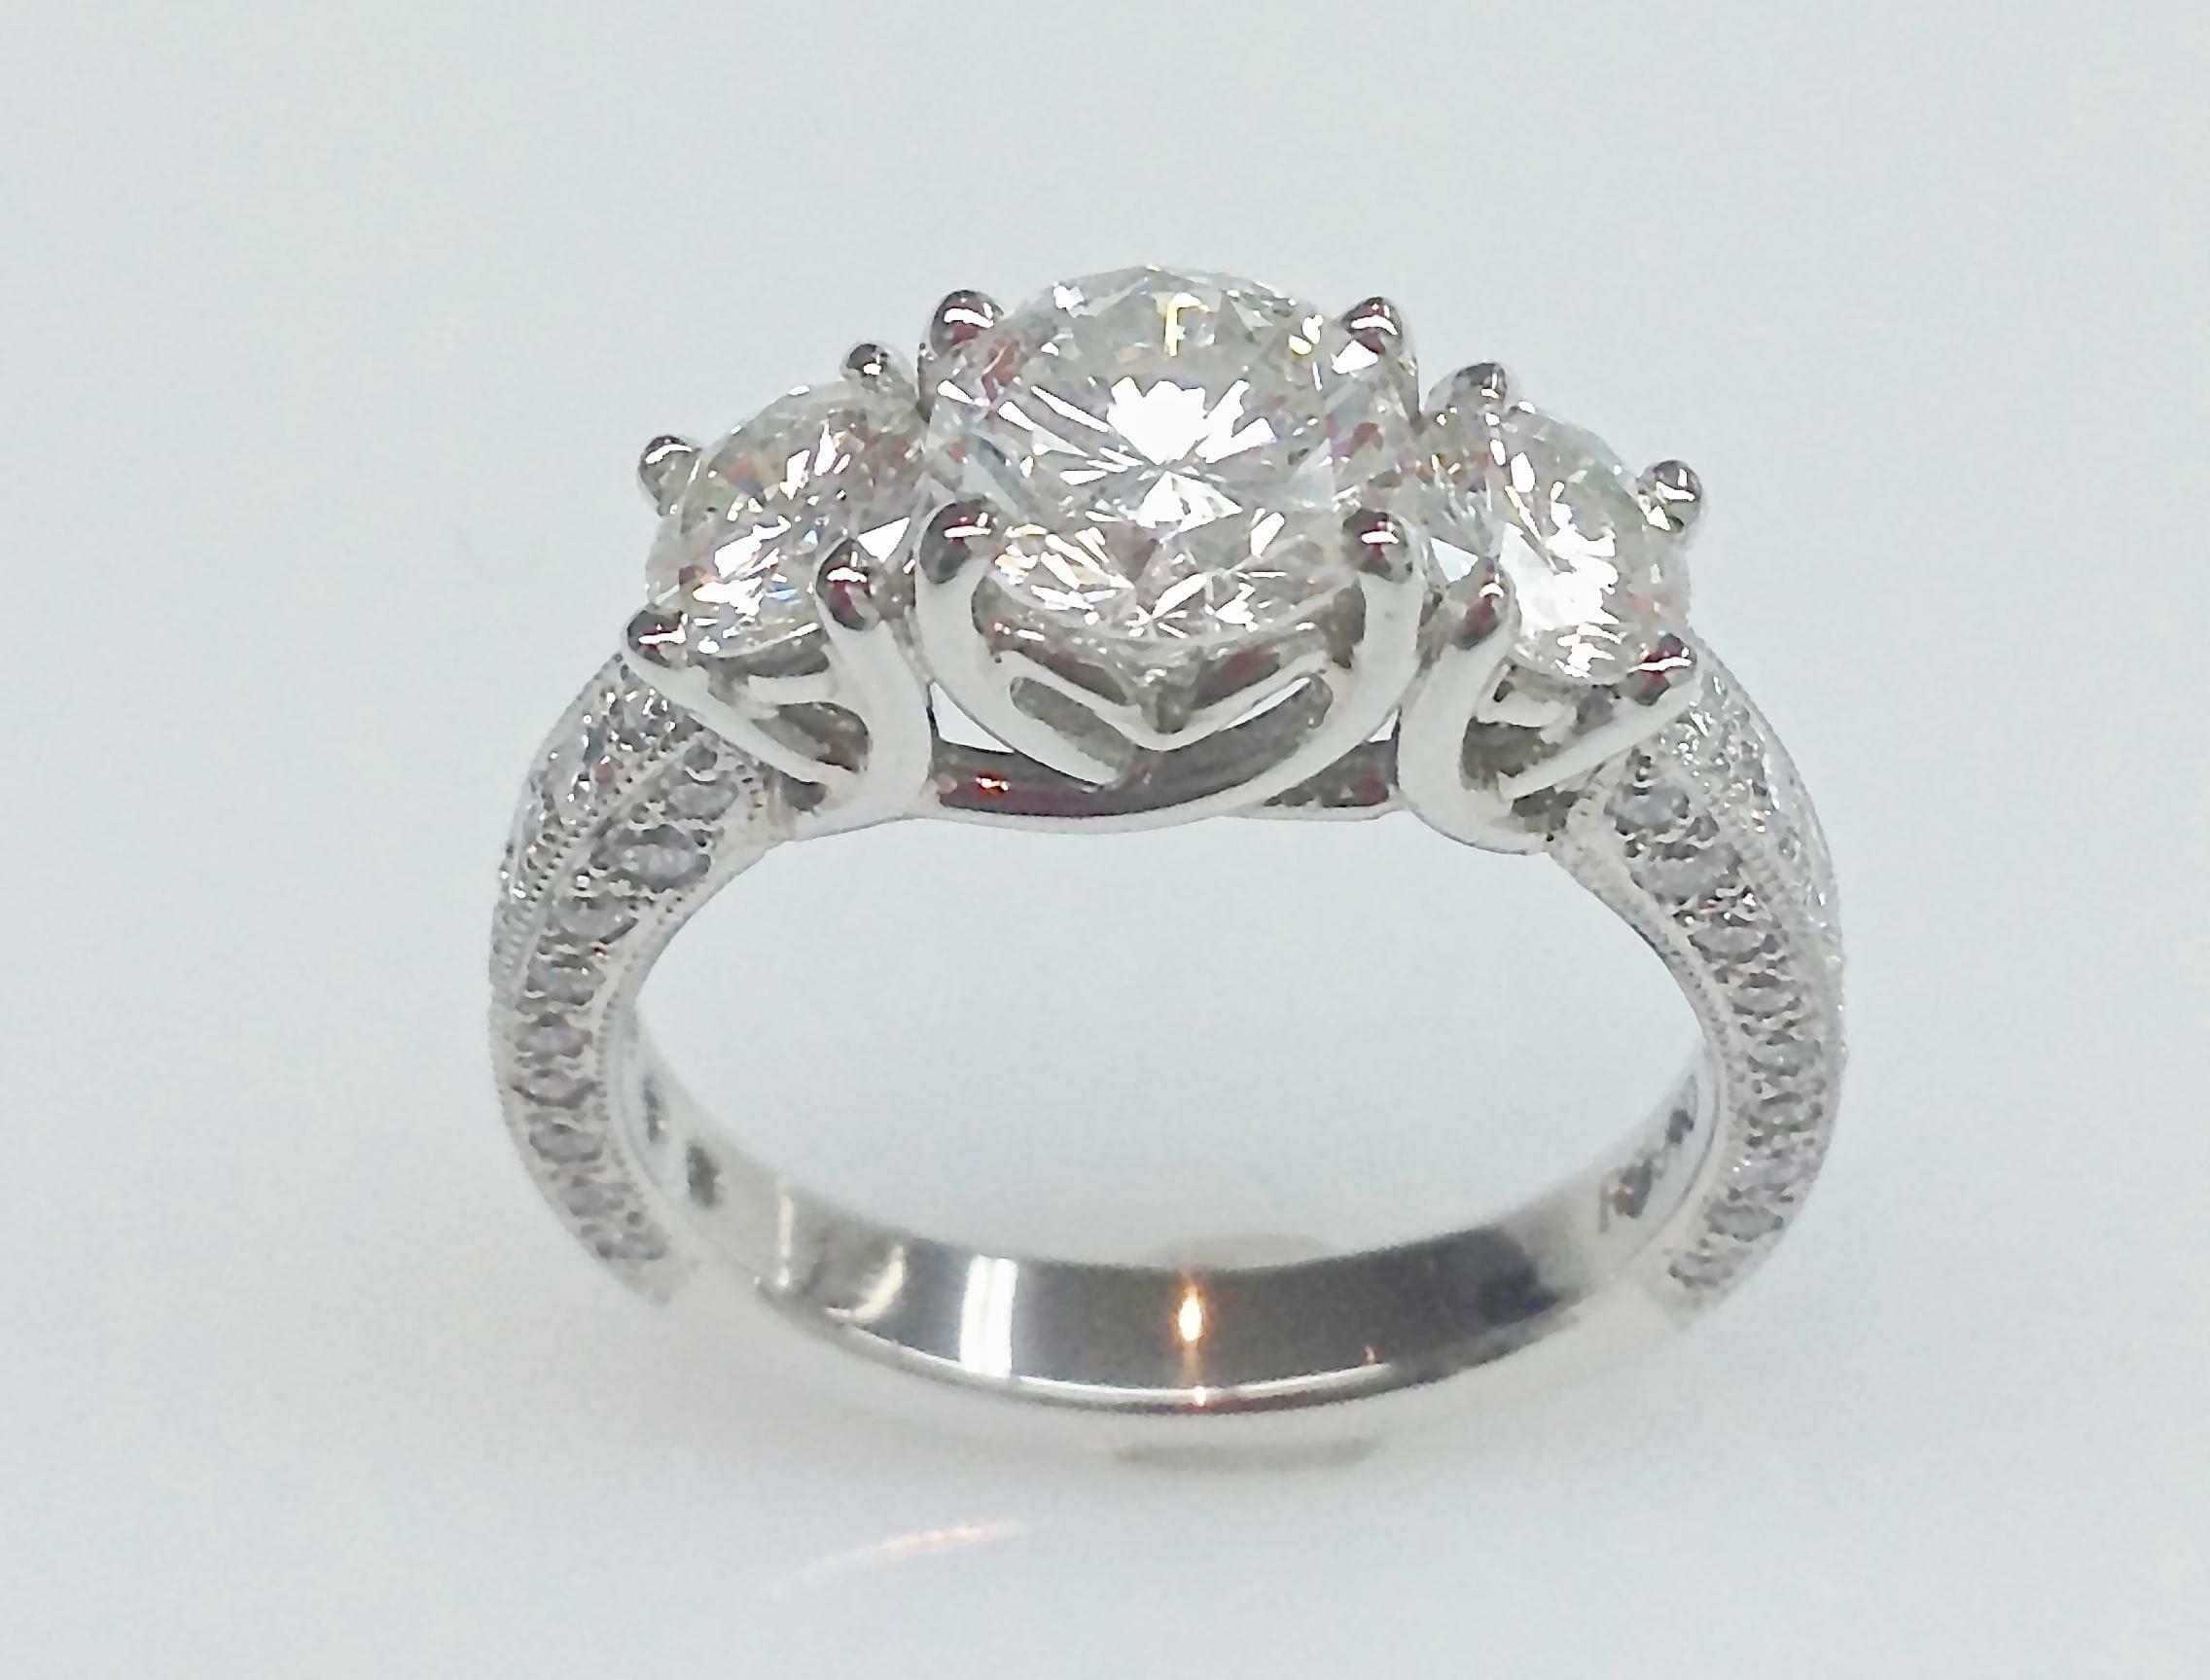 Platinum three stone diamond ring with pave diamond shank